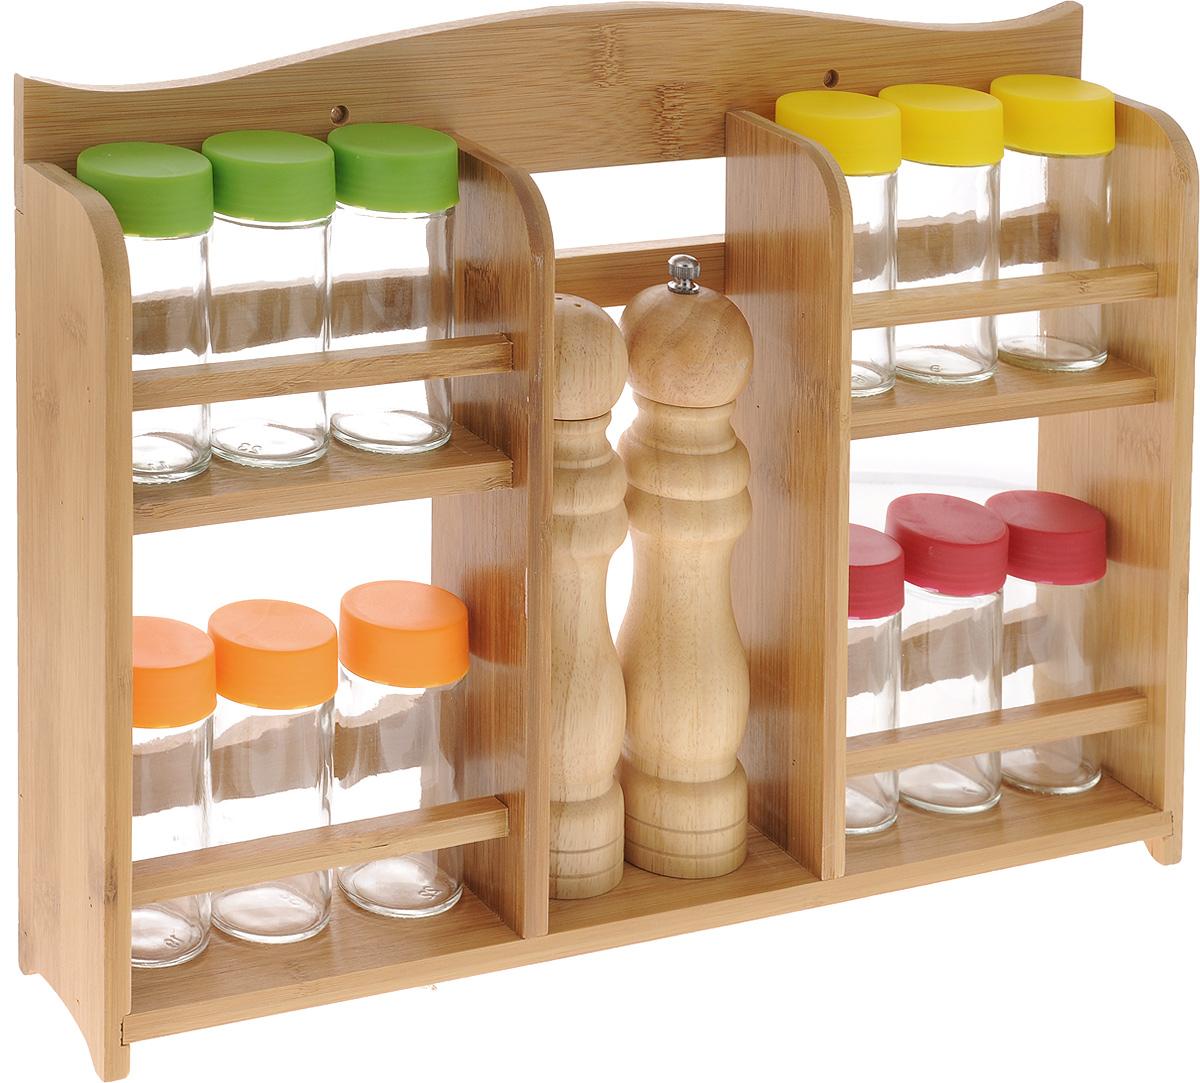 Набор для специй Mayer & Boch, 15 предметов. 2325923259Набор Mayer & Boch состоит из 12 баночек для специй,мельницы для перца, солонки и подставки. Баночки дляспеций, выполненные из прозрачного стекла, имеютзавинчивающиеся цветные пластиковые крышки иперфорированные пластиковые насадки, позволяющиеудобно приправлять блюда специями, не опасаясь рассыпатьих. Мельница для перца и солонка изготовлены изкаучукового дерева.Предметы набора компактно размещаются на бамбуковойдвухъярусной подставке. Ее можно закрепить на стене спомощью саморезов (входят в комплект). Очень удобно, когда во время приготовления пищи всеприправы под рукой!Набор для специй Mayer & Boch впишется в любой интерьеркухни, а также станет отличным подарком каждой хозяйке.Диаметр баночки (по верхнему краю): 4 см. Высота баночки (с учетом крышки): 10 см.Объем баночки: 100 мл.Диаметр солонки: 5 см.Высота солонки: 20 см. Диаметр мельницы: 5 см. Высота мельницы: 21,5 см. Размер подставки: 43 х 7,5 х 30,5 см.